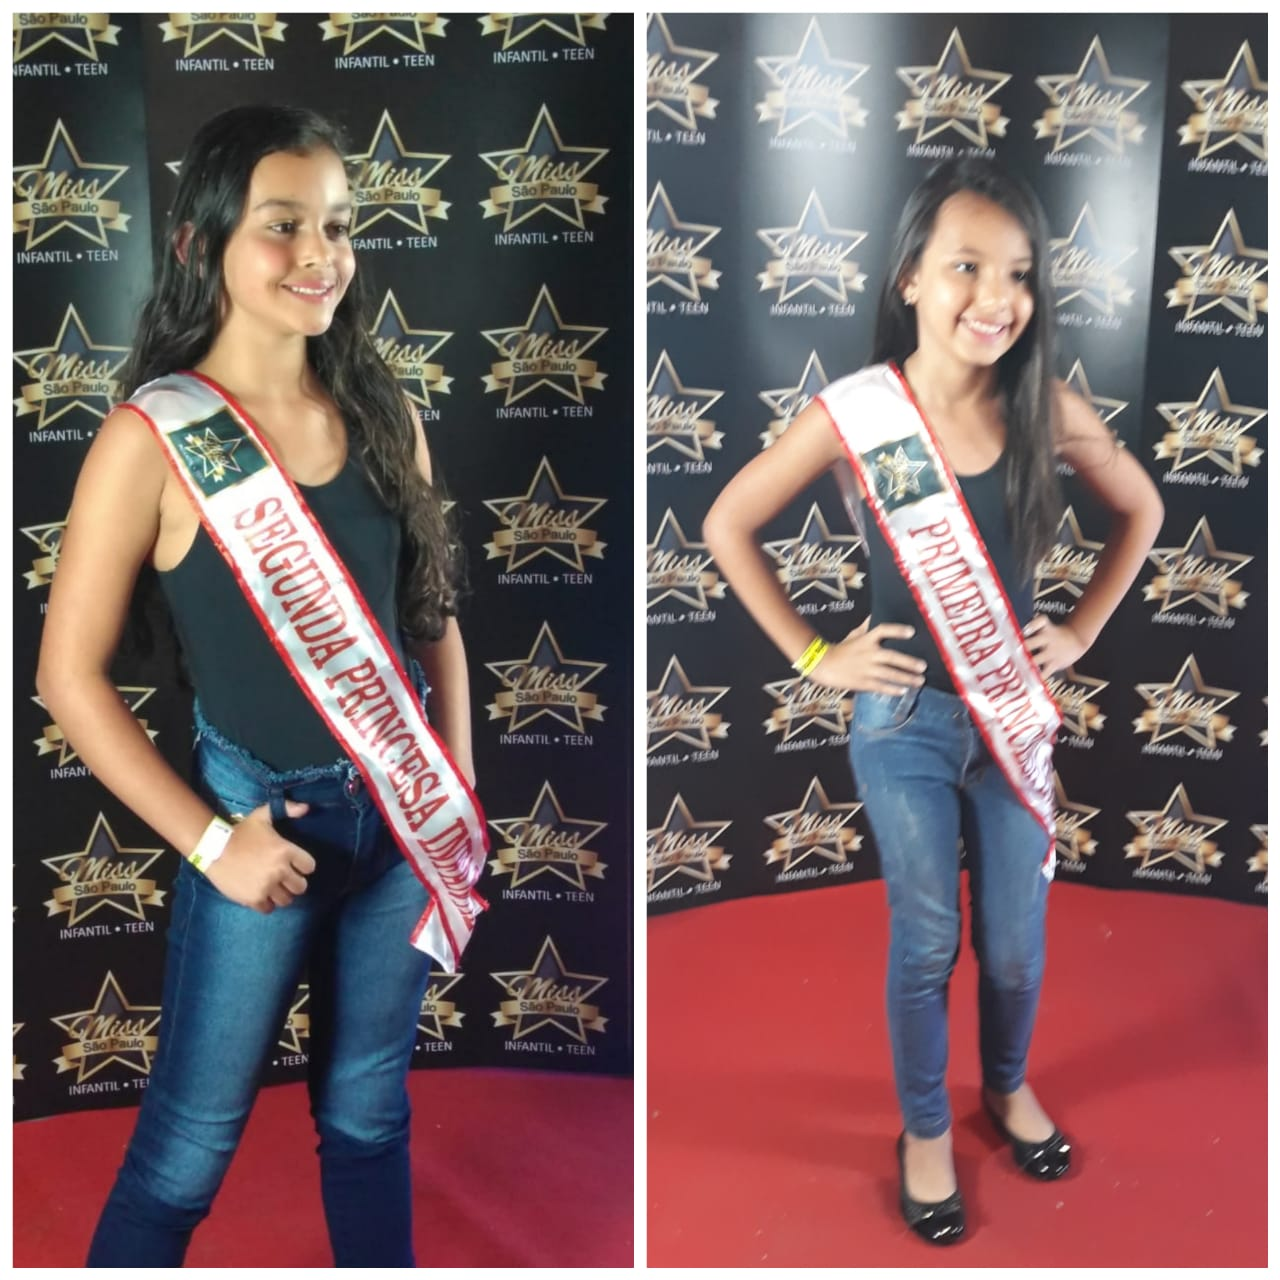 Finalistas representam Itapevi em Concurso de Princesas Teen Infantil de São Paulo